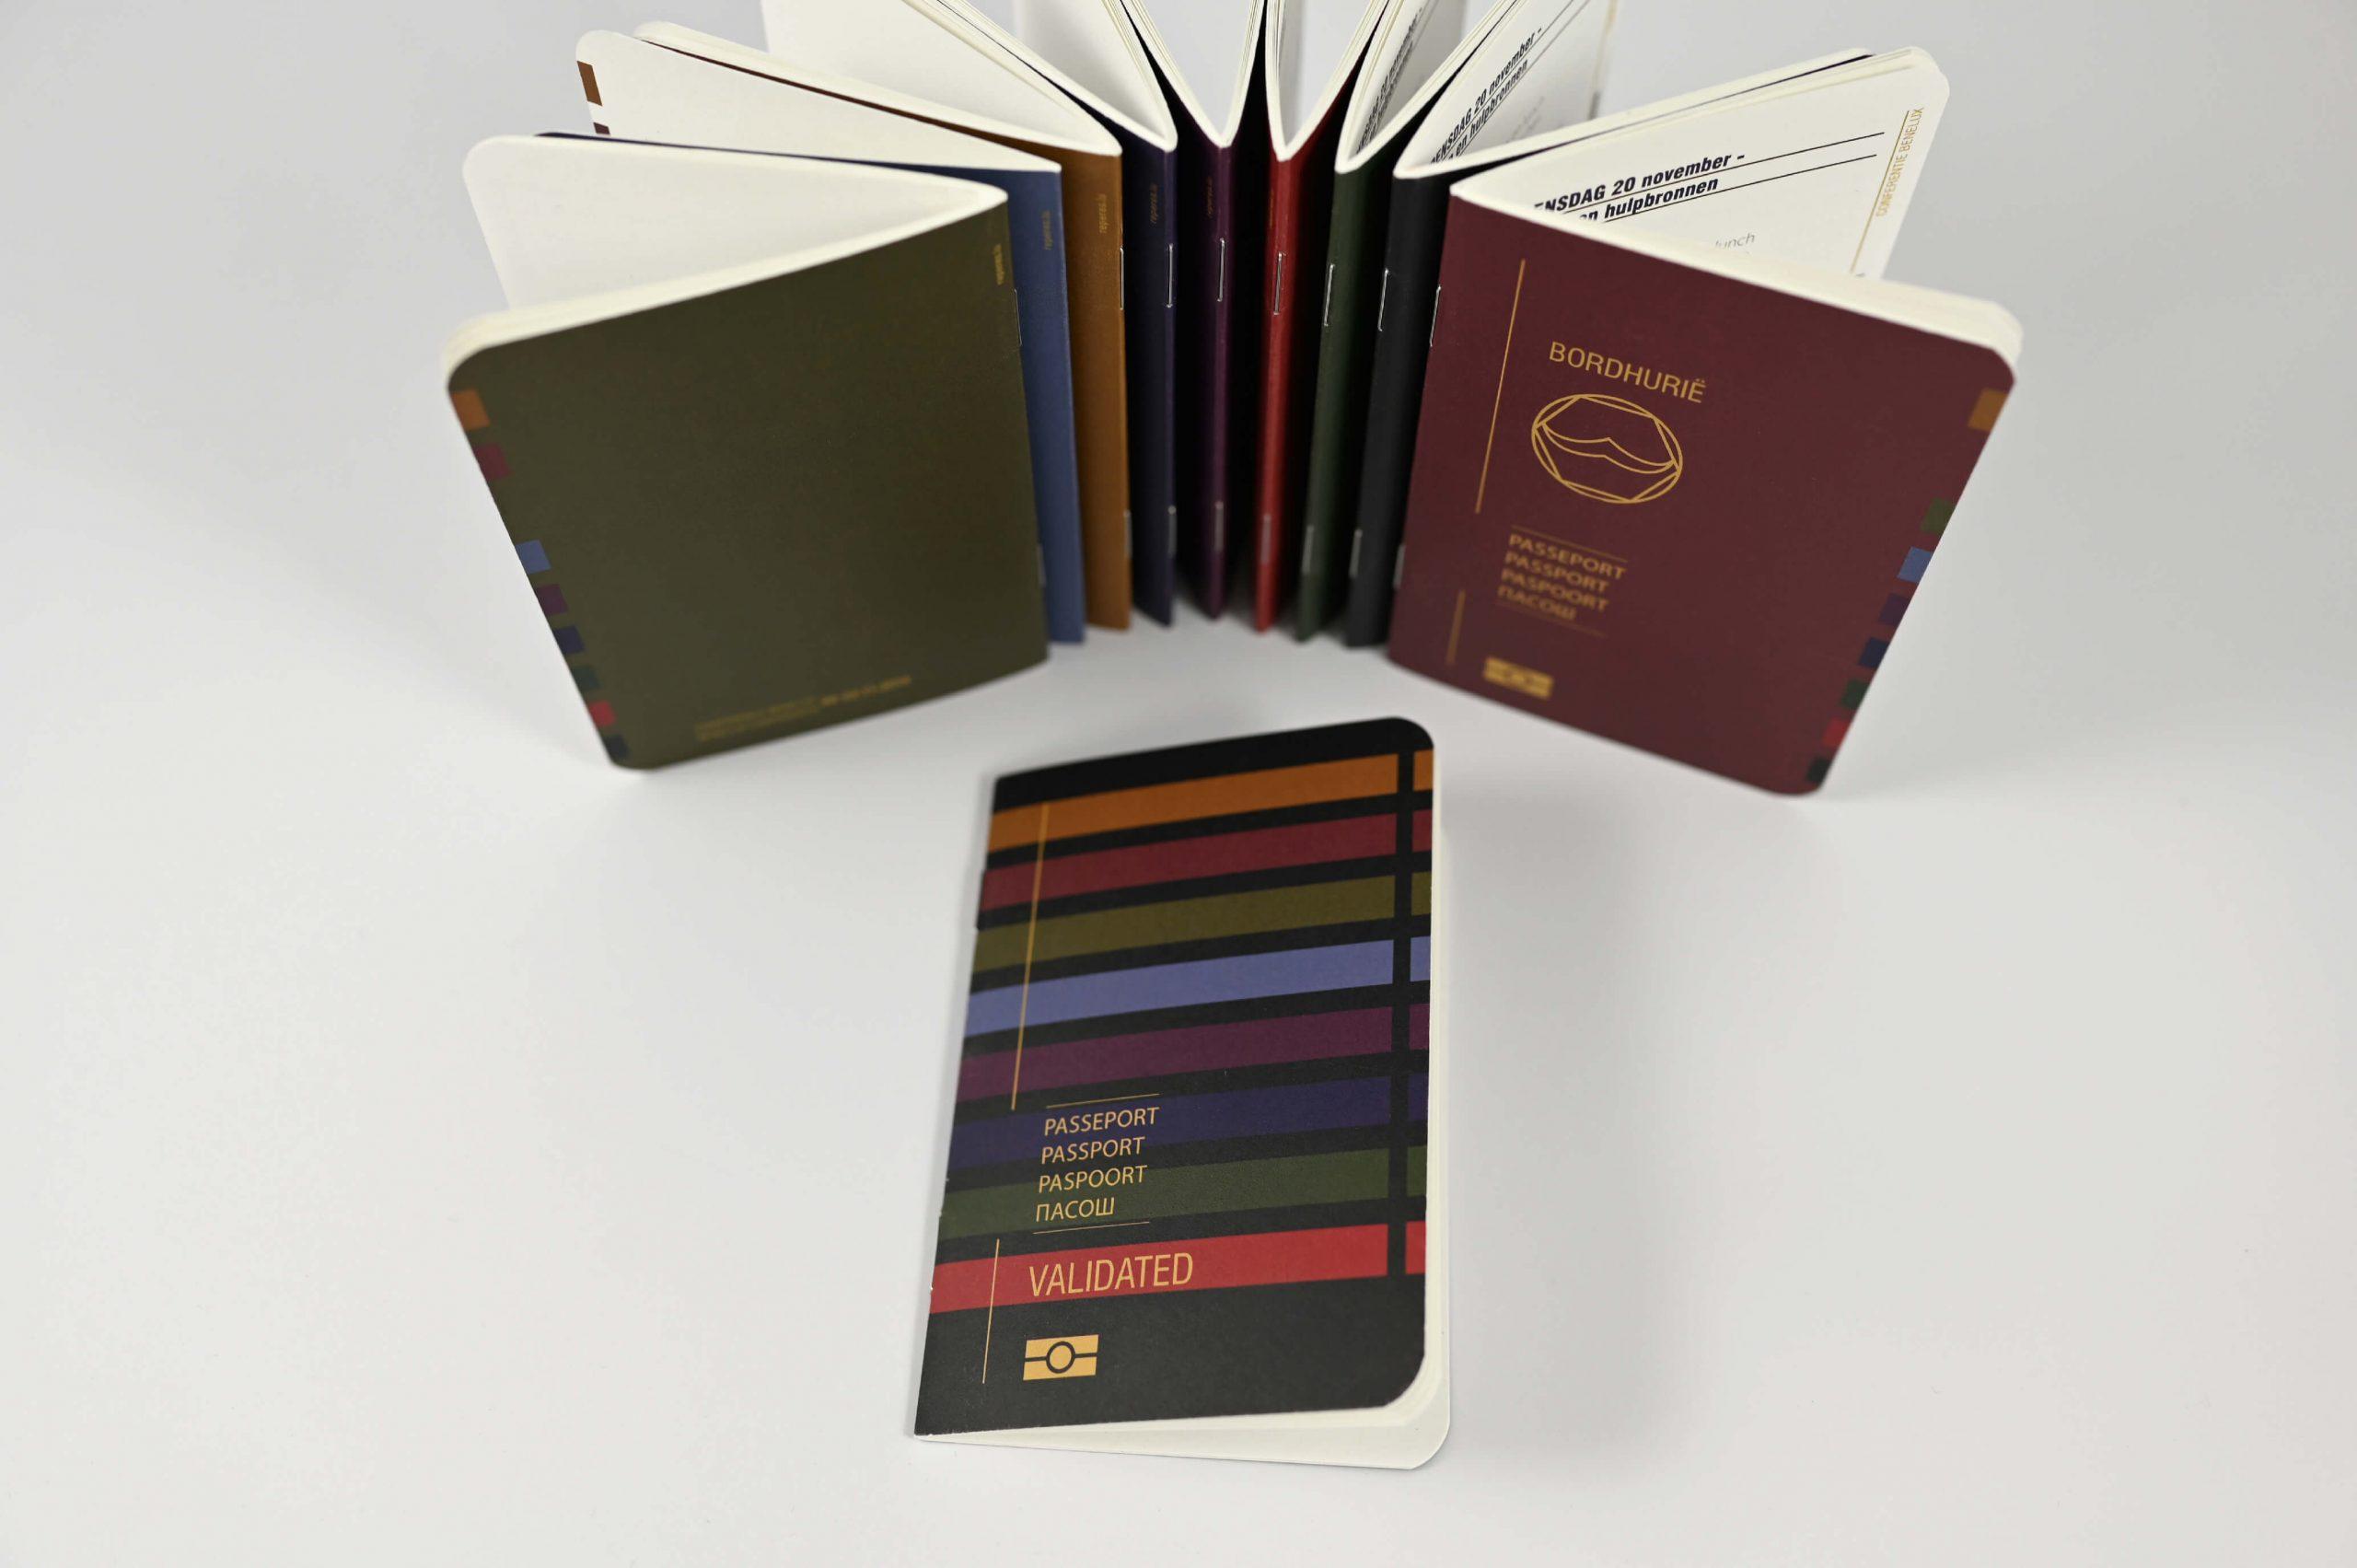 Reperes_brochure_passeport